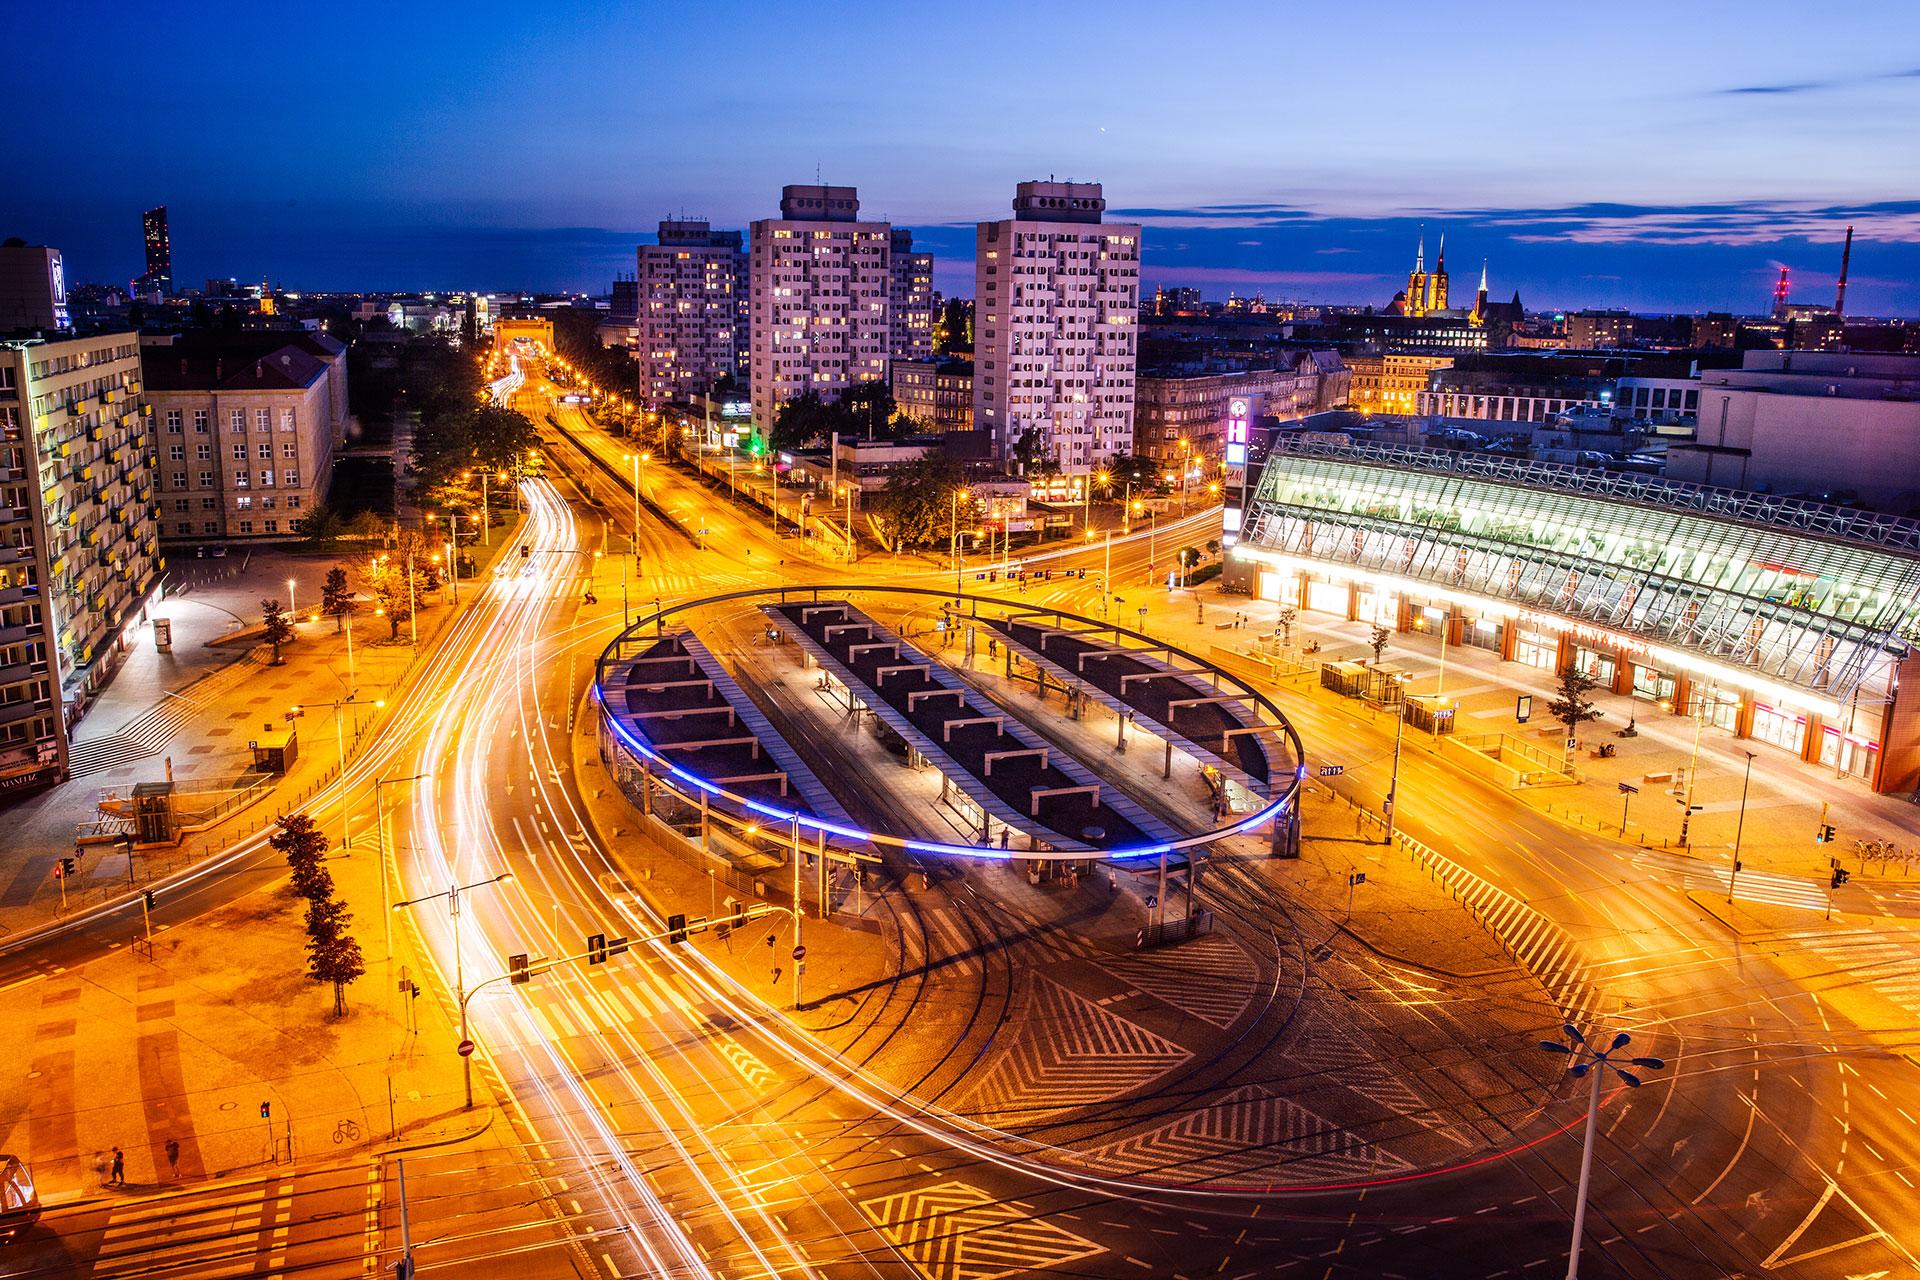 Niebieska godzina. Na zdjęciach wykonanych w czasie błękitnej godziny można uzyskać wspaniałe błękitne niebo, które w piękny sposób kontrastuje ze światłami miasta.